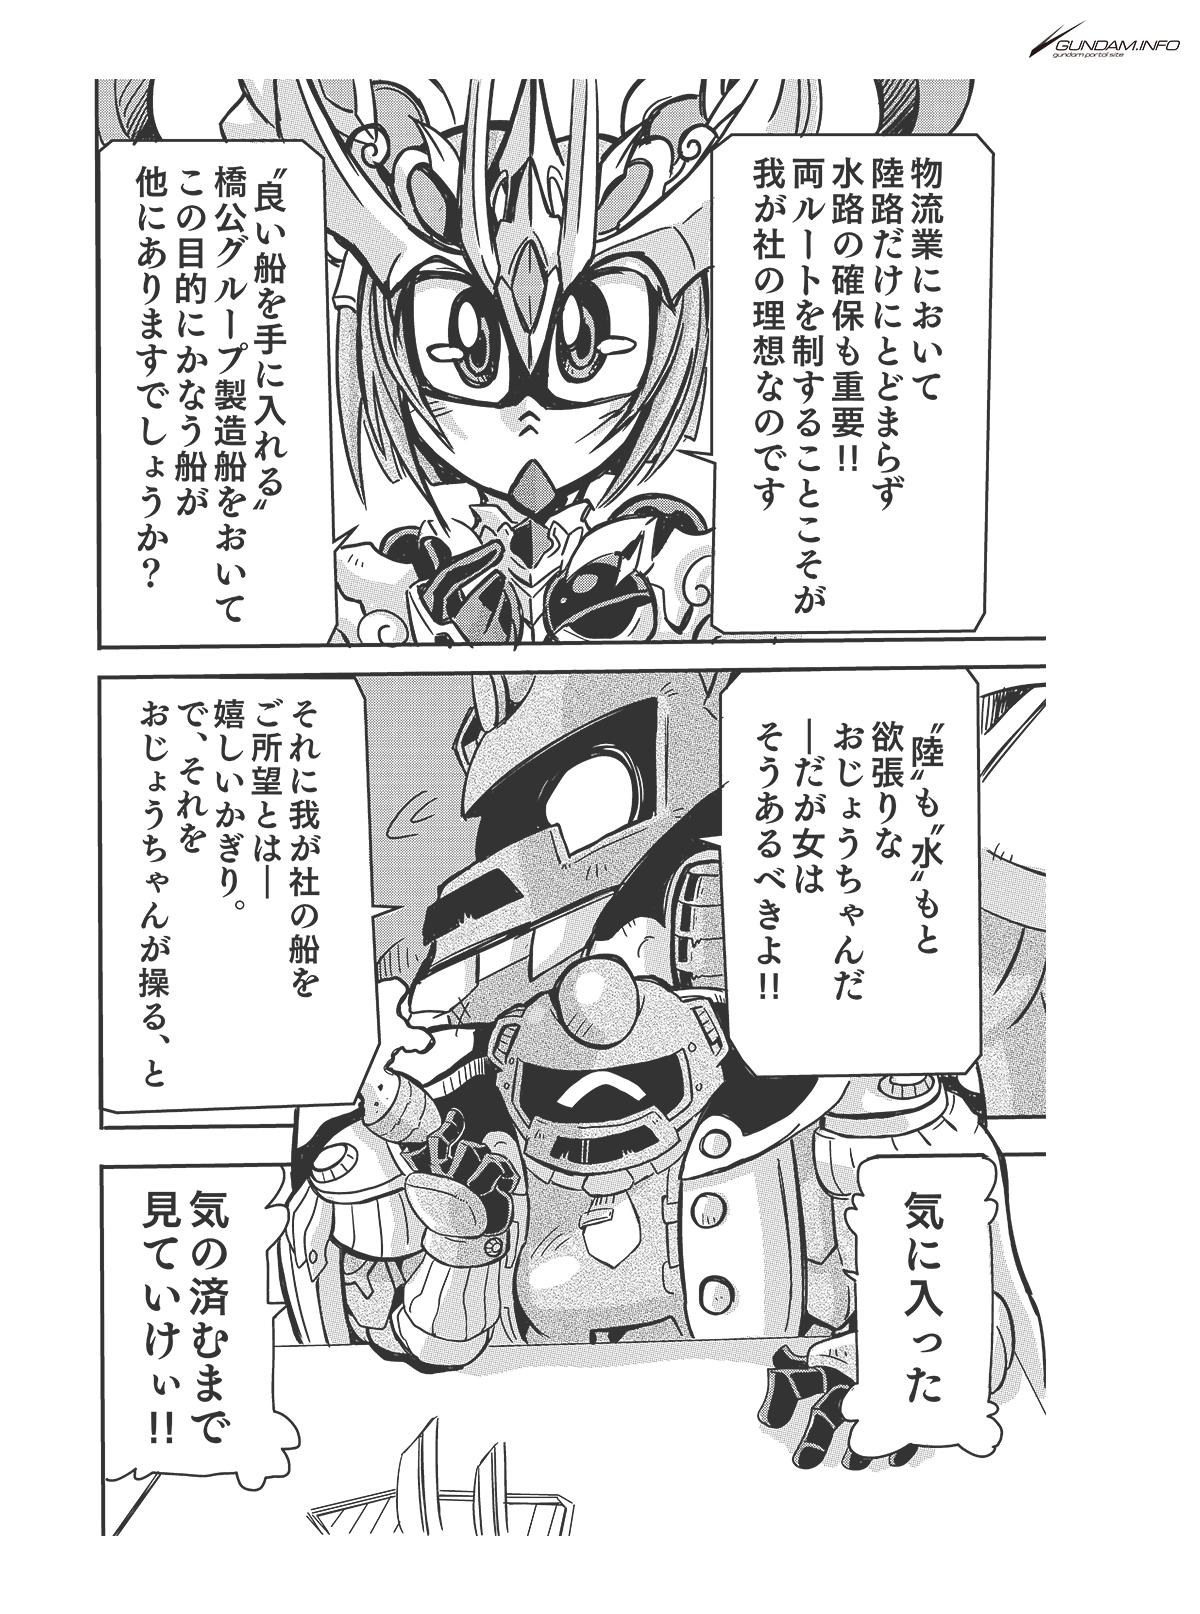 SDガンダムワールド 三国創傑伝 焔虎譚 第5話 P4